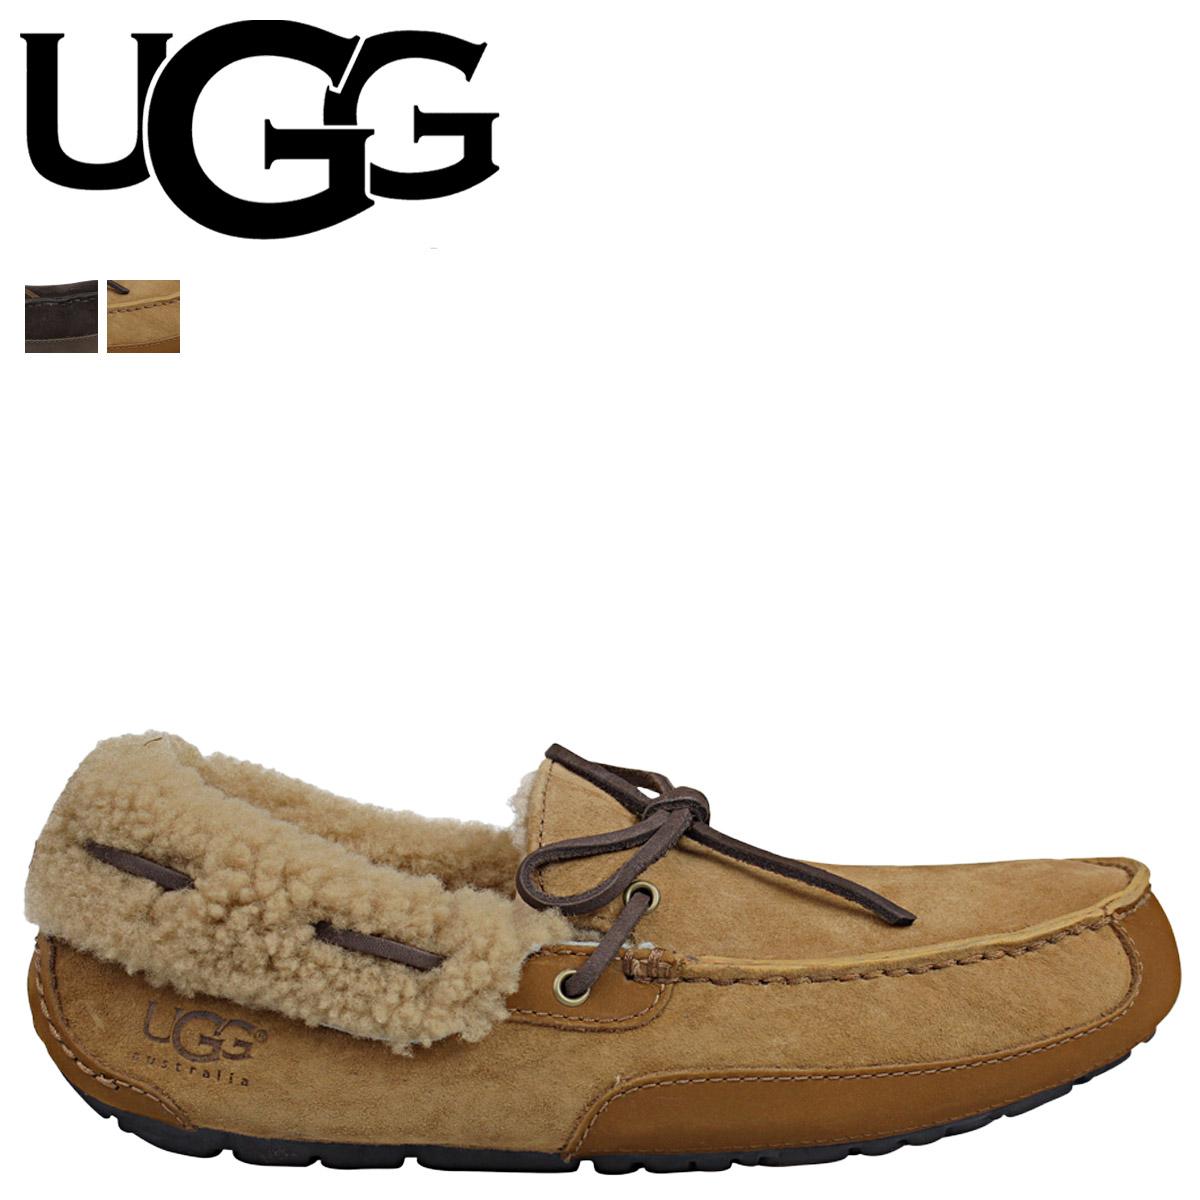 cf3a886e858 UGG UGG men s FLEMING moccasin Shearling slip-on Fleming 1007805 2 color